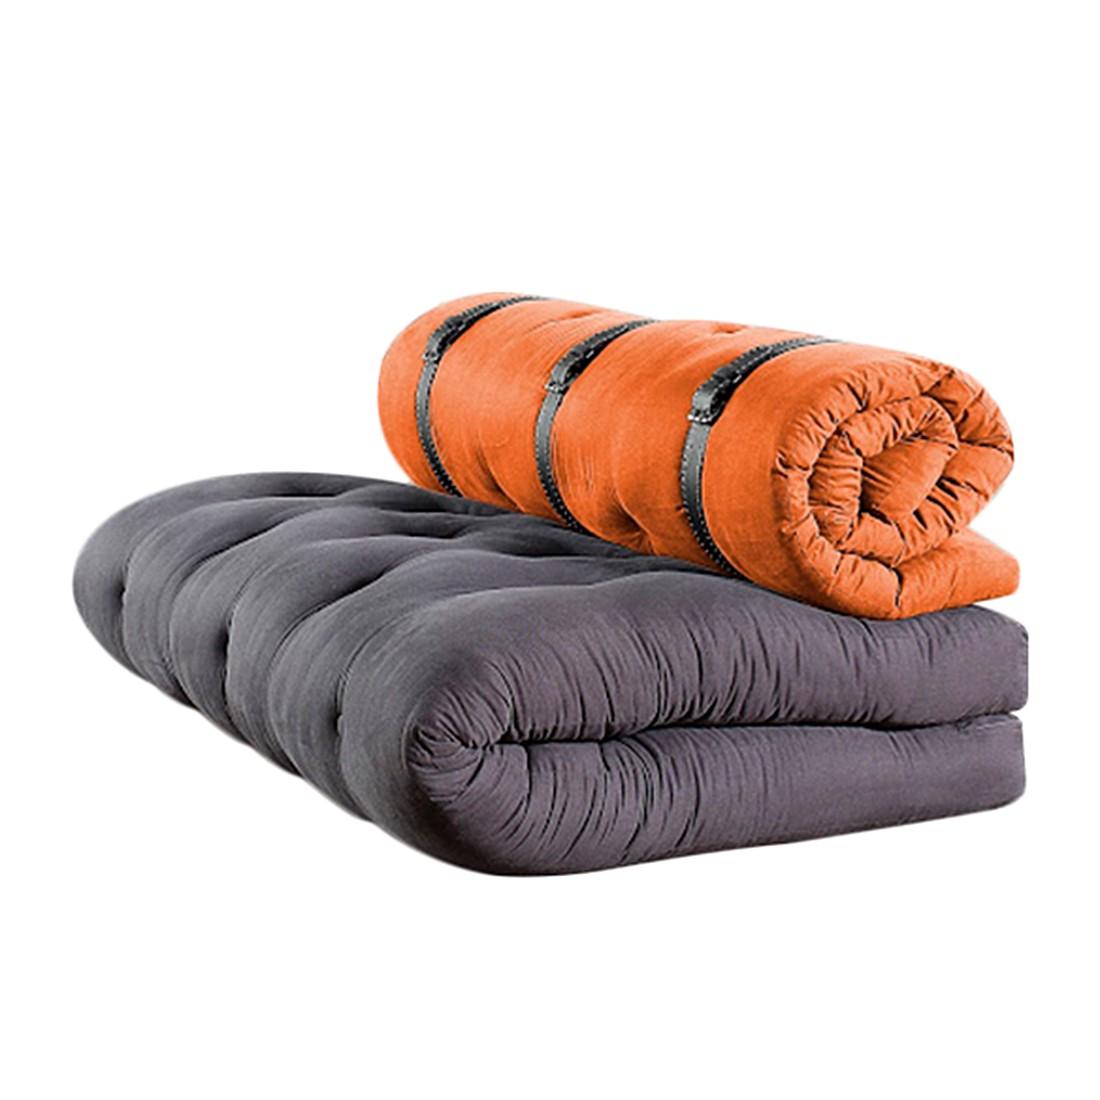 Schlafsofa Buckle Up – Futon Grau/Orange, Karup online kaufen